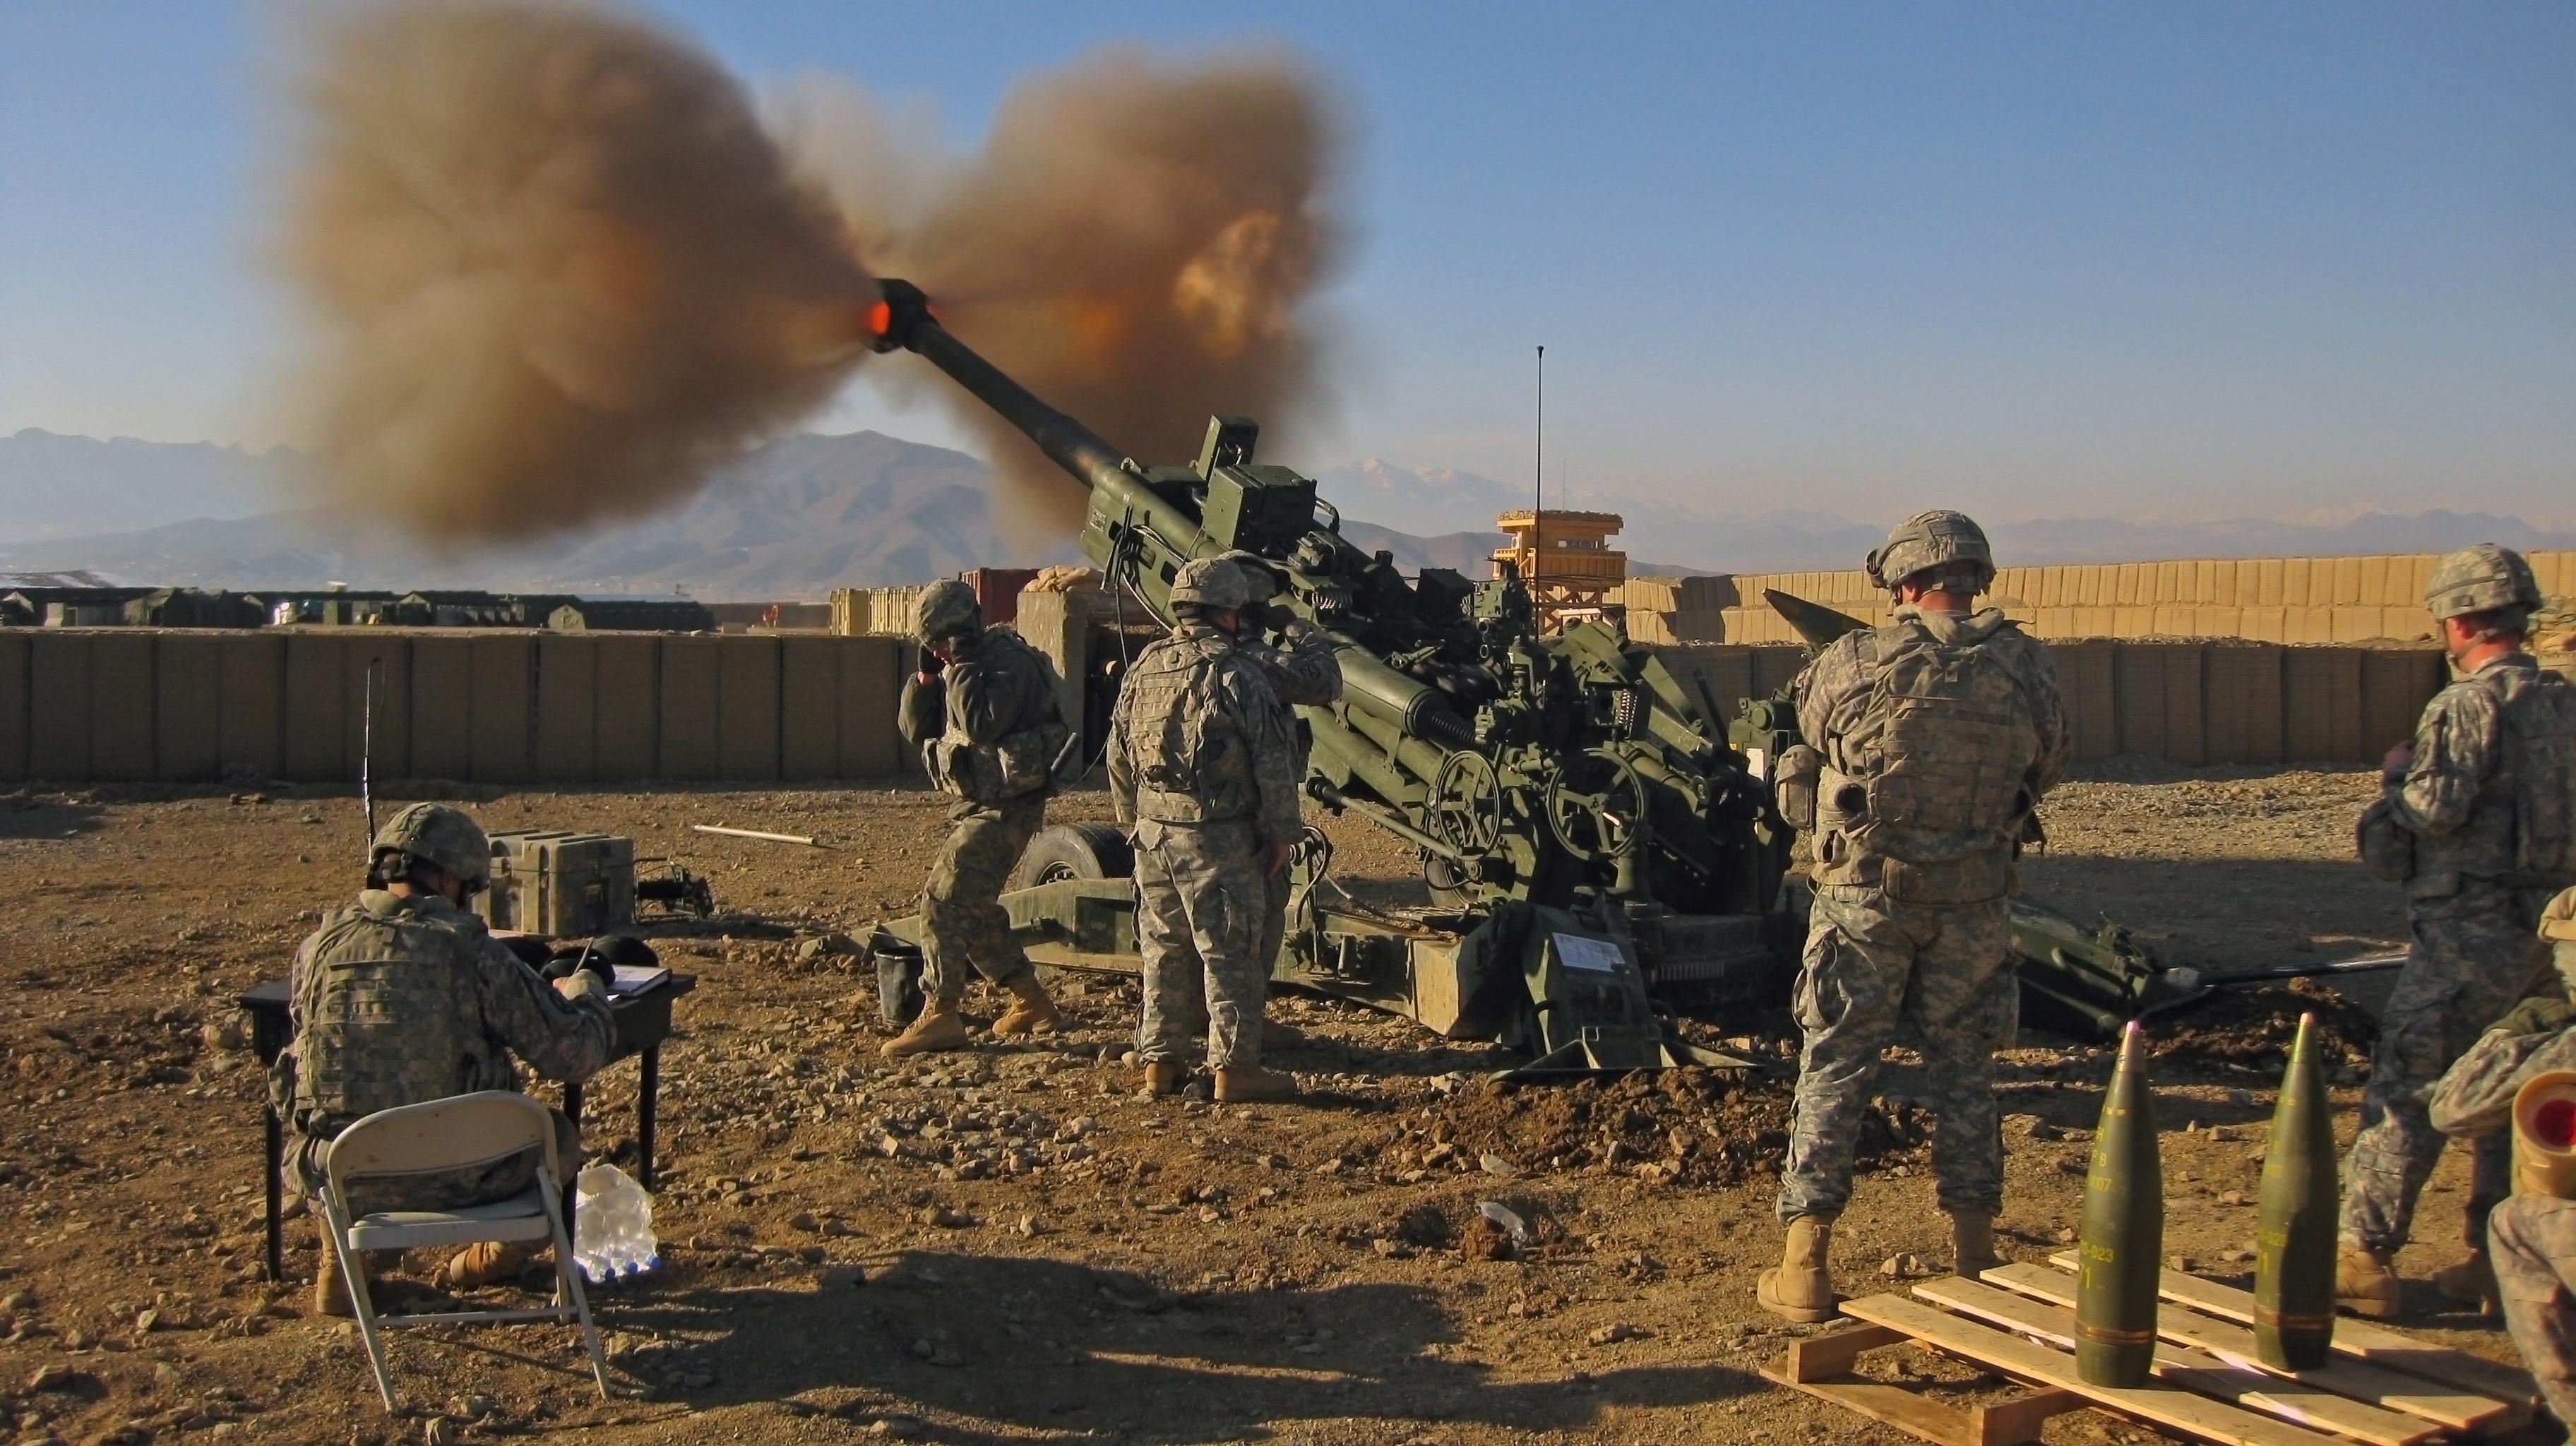 M777 howitzer.